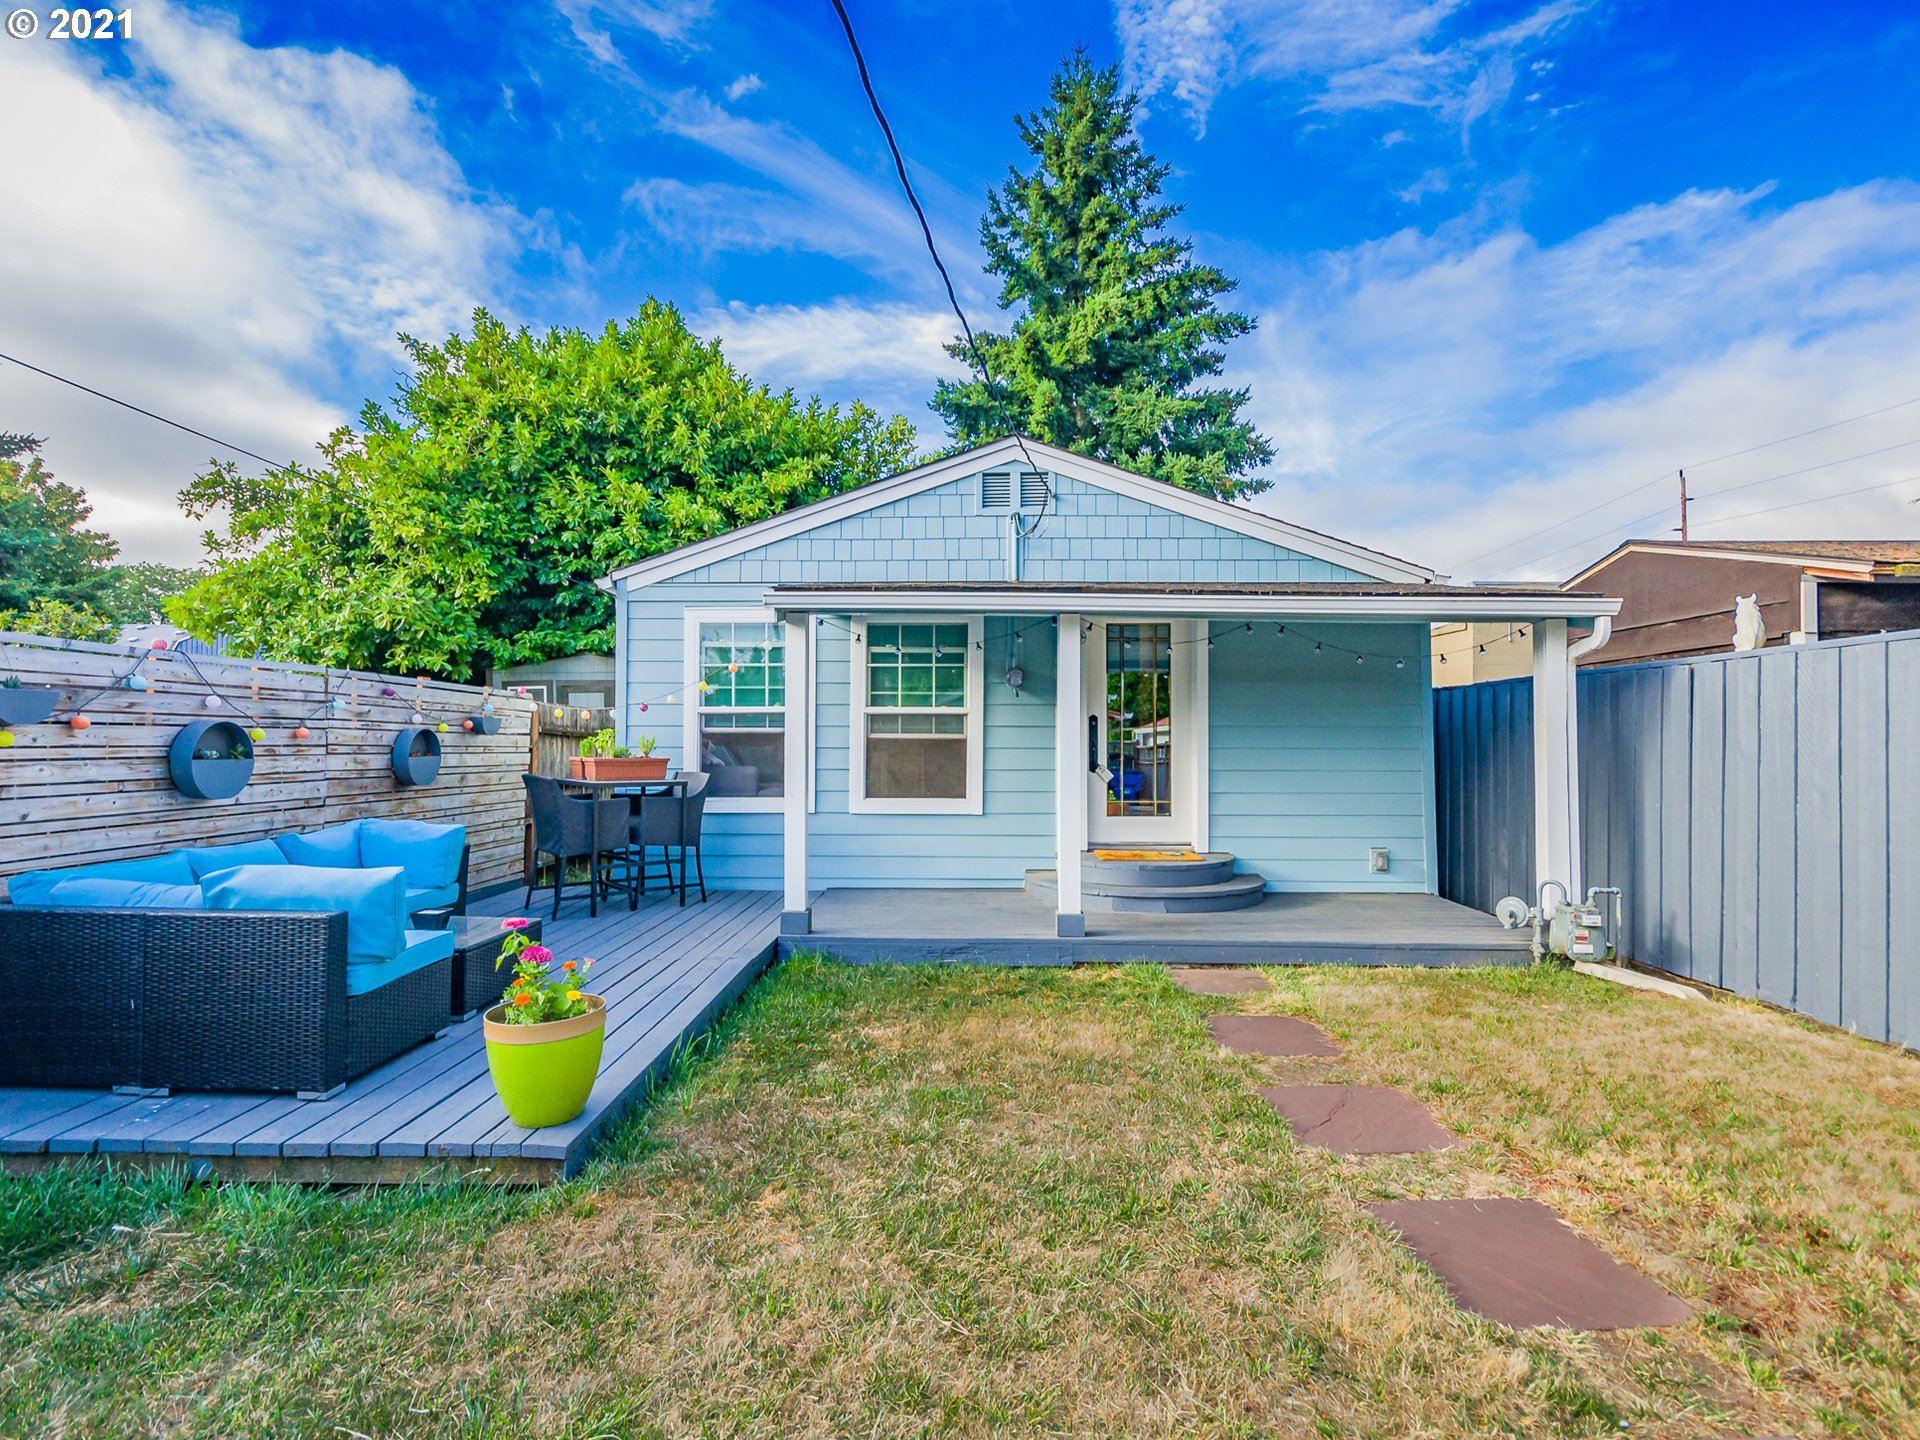 905 W 20TH ST, Vancouver, WA 98660 - MLS#: 21341626